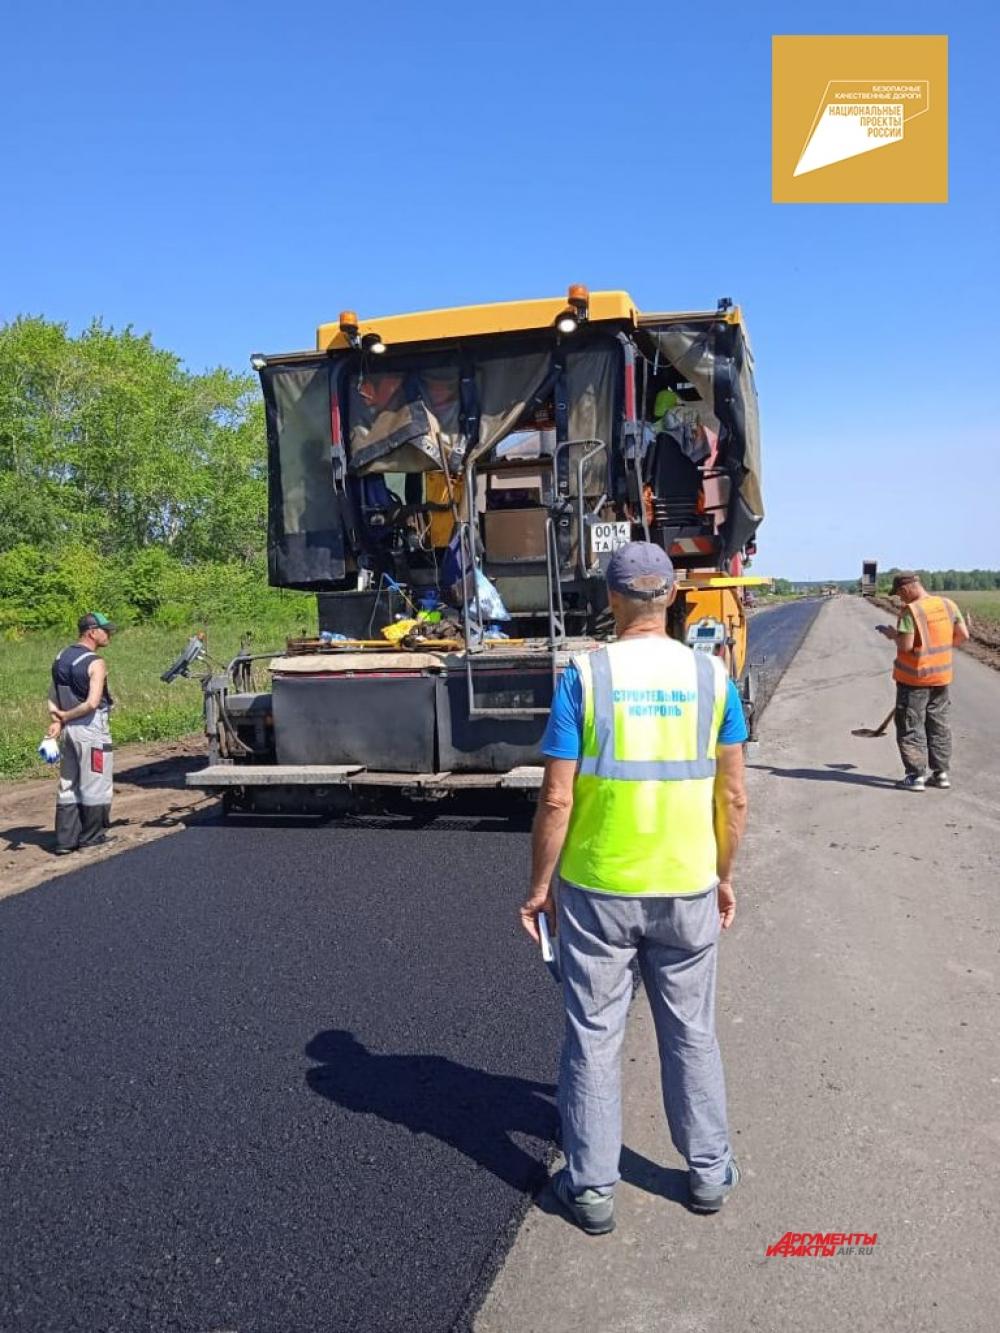 До конца действия нацпроекта, то есть к 2025 году, около 85% омских дорог приведут в надлежащий вид.